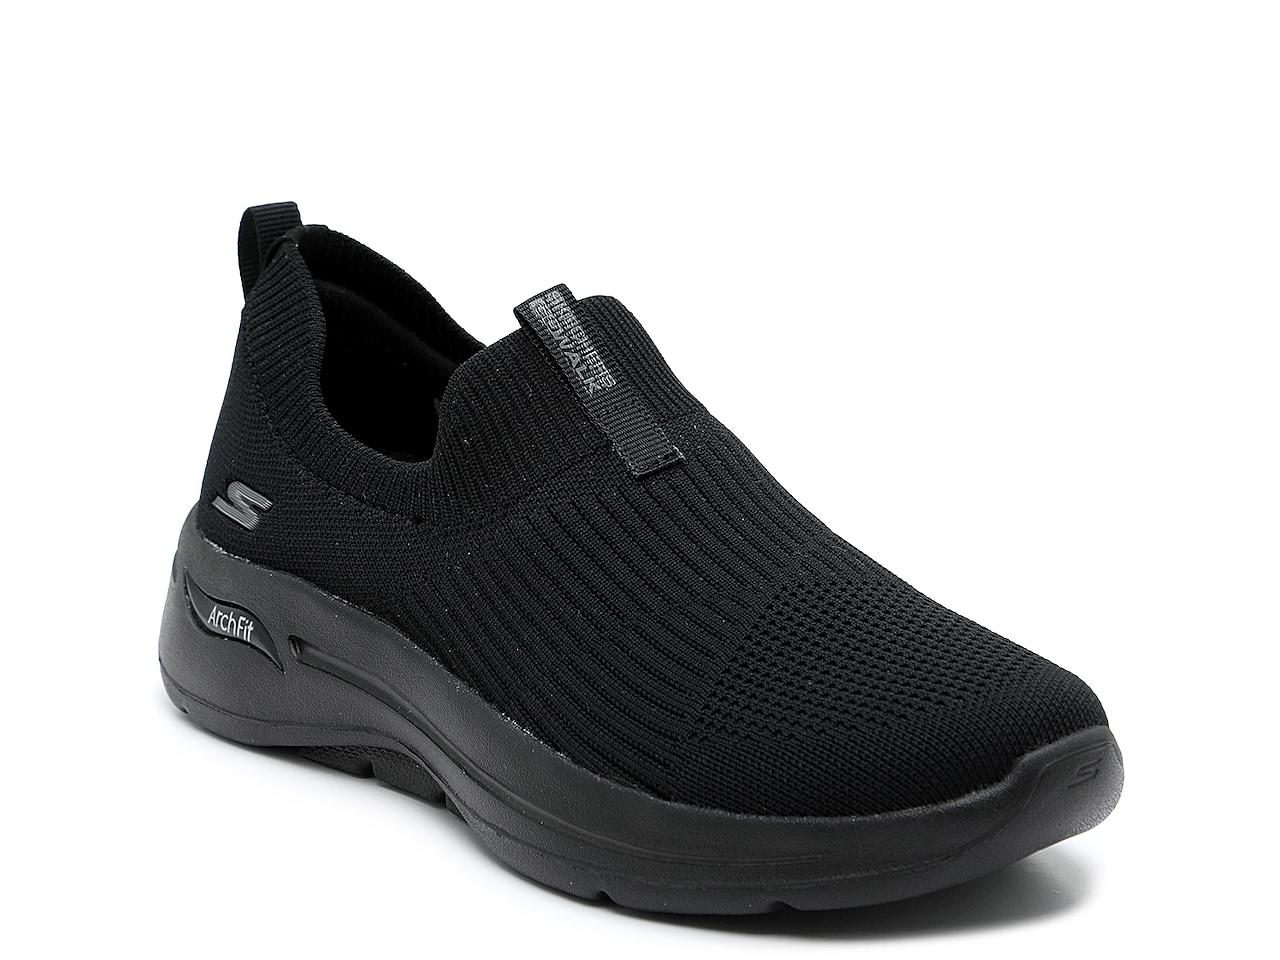 Skechers GOwalk Arch Fit Iconic Slip-On Sneaker - Women's